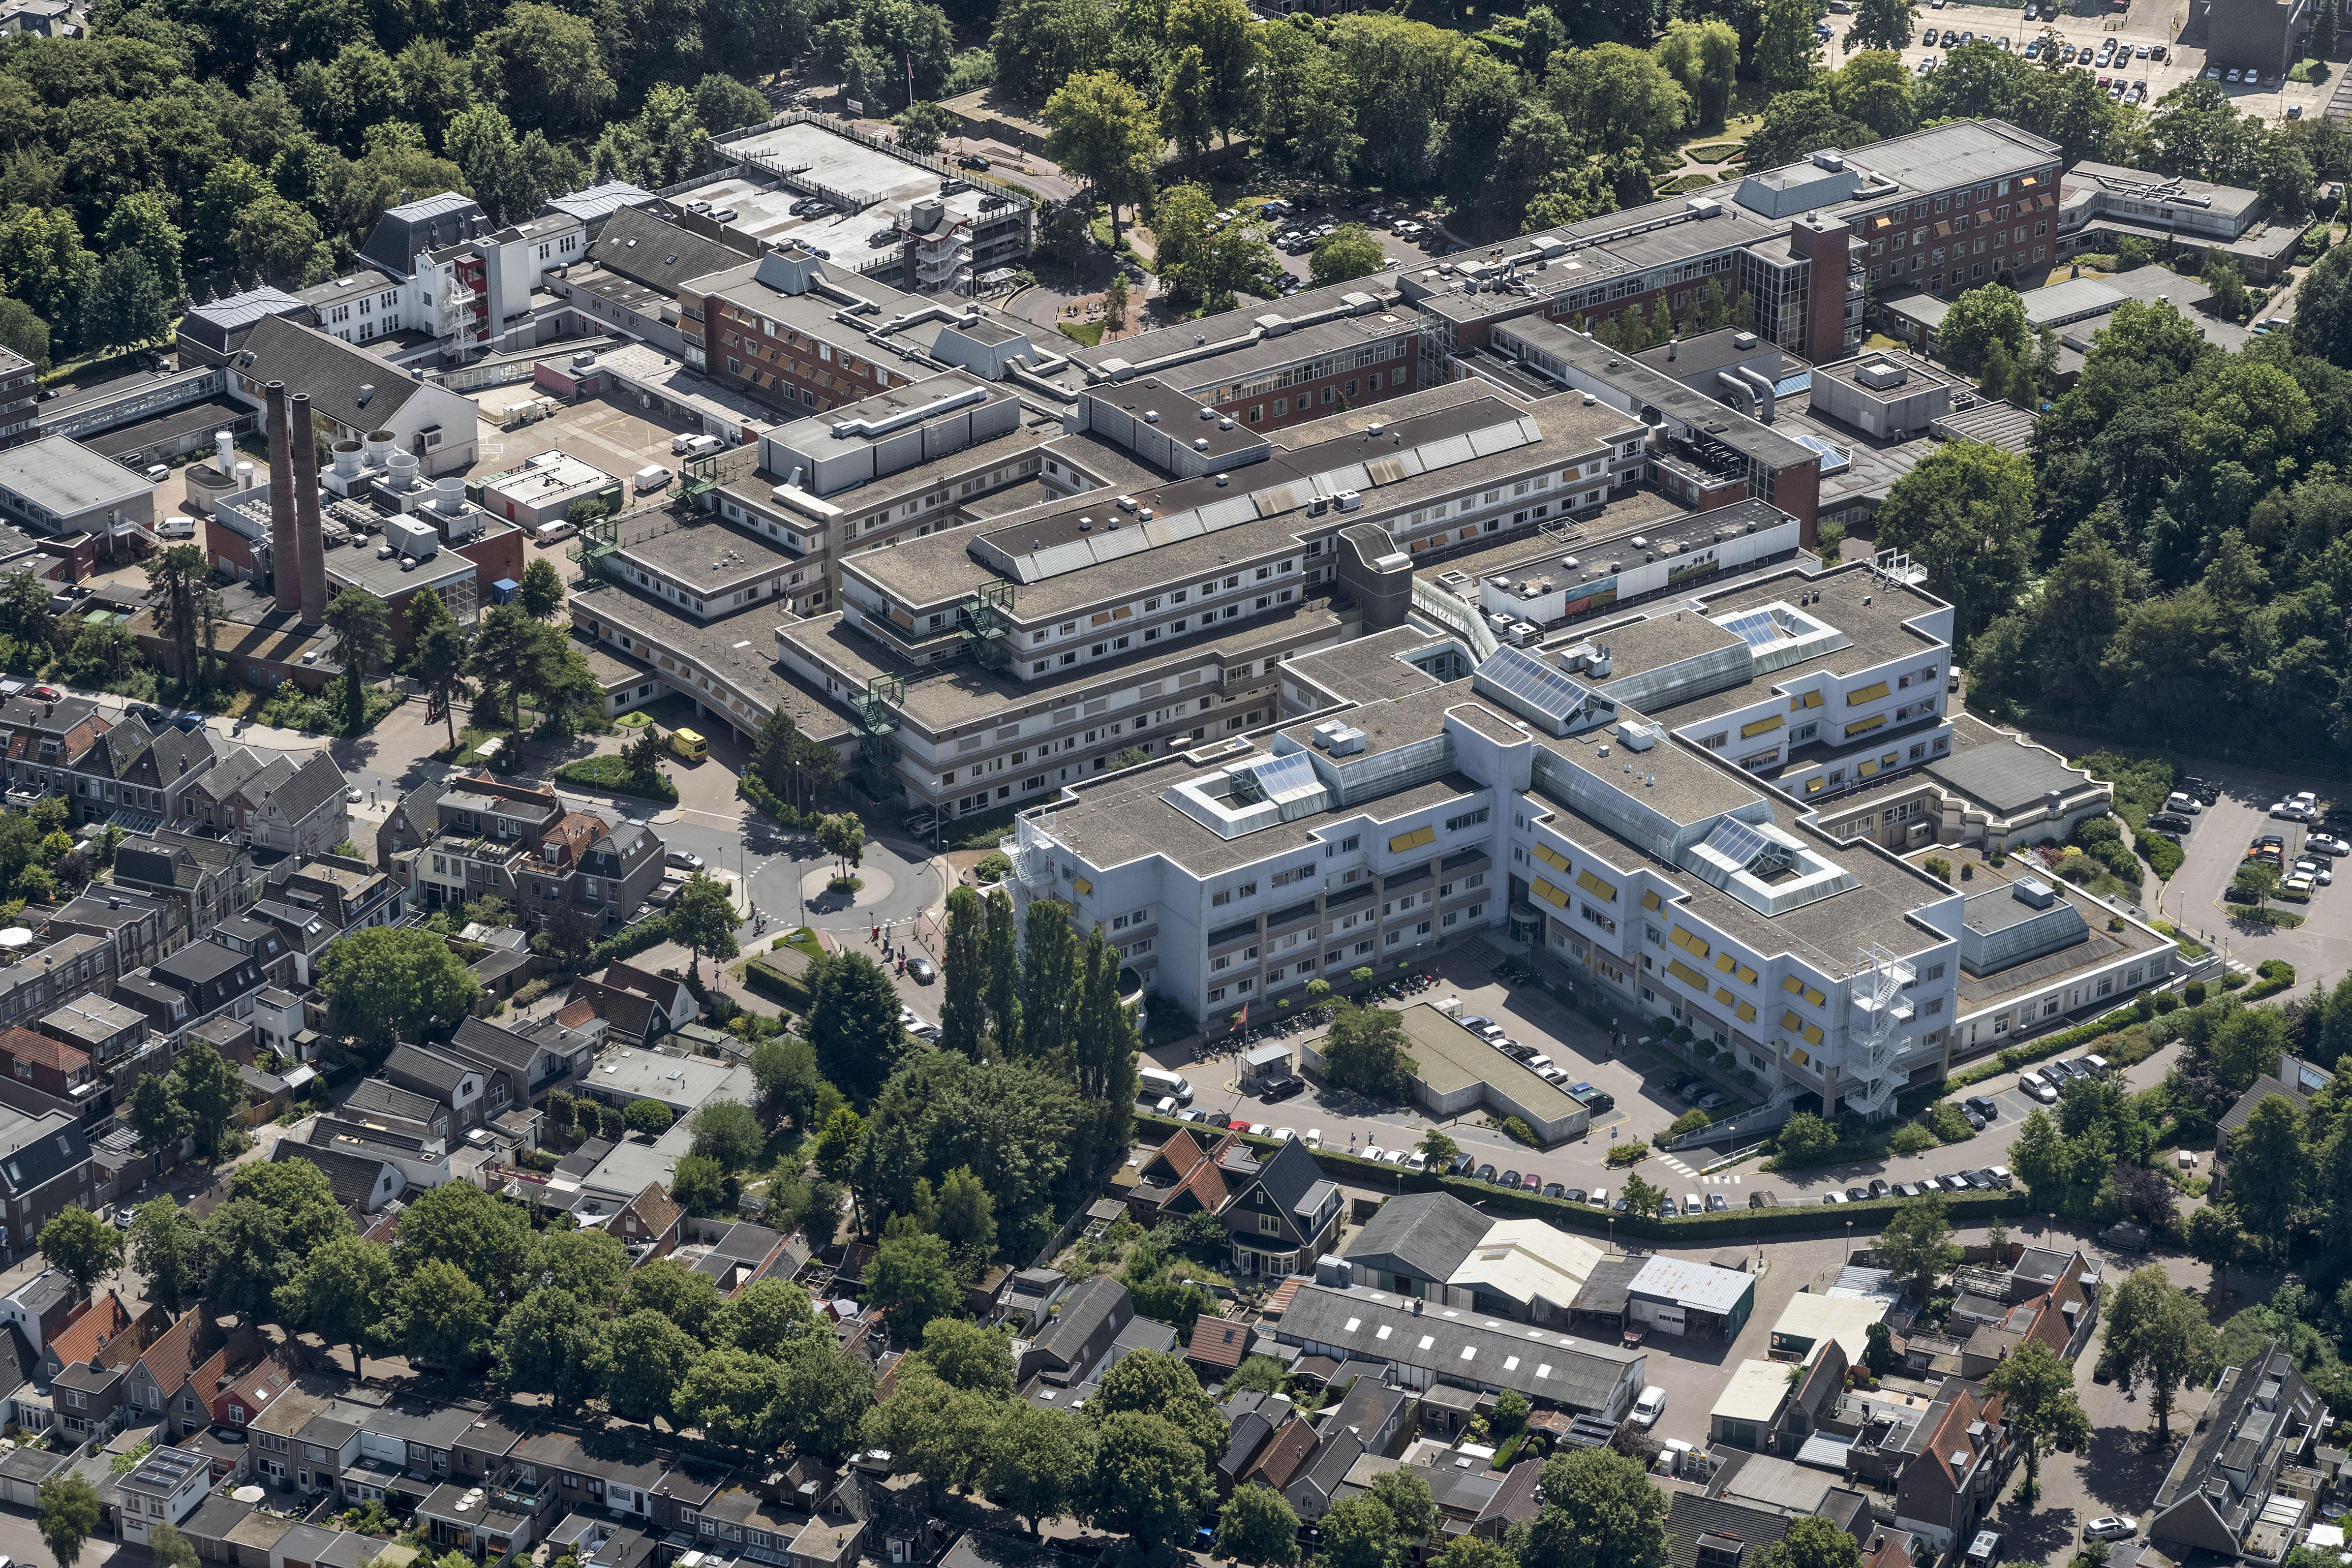 Capaciteit in Alkmaars ziekenhuis wordt opgeschroefd. Meer ic-bedden en verpleegplekken voor coronapatiënten